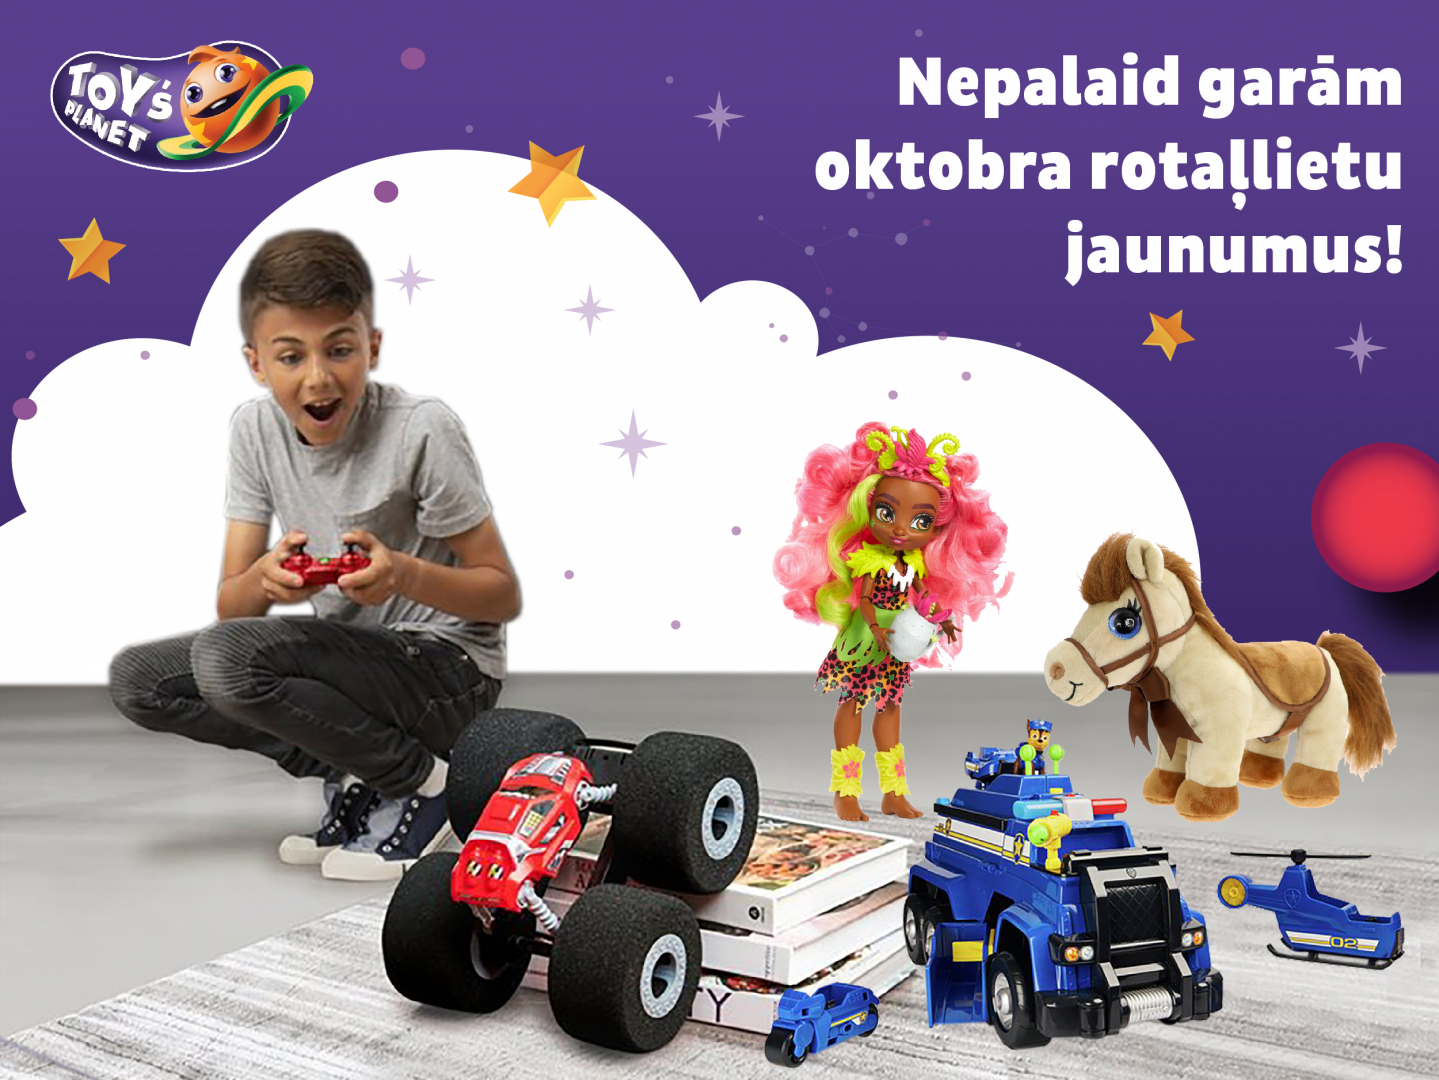 Toy`s Planet oktobra rotaļlietu jaunumi